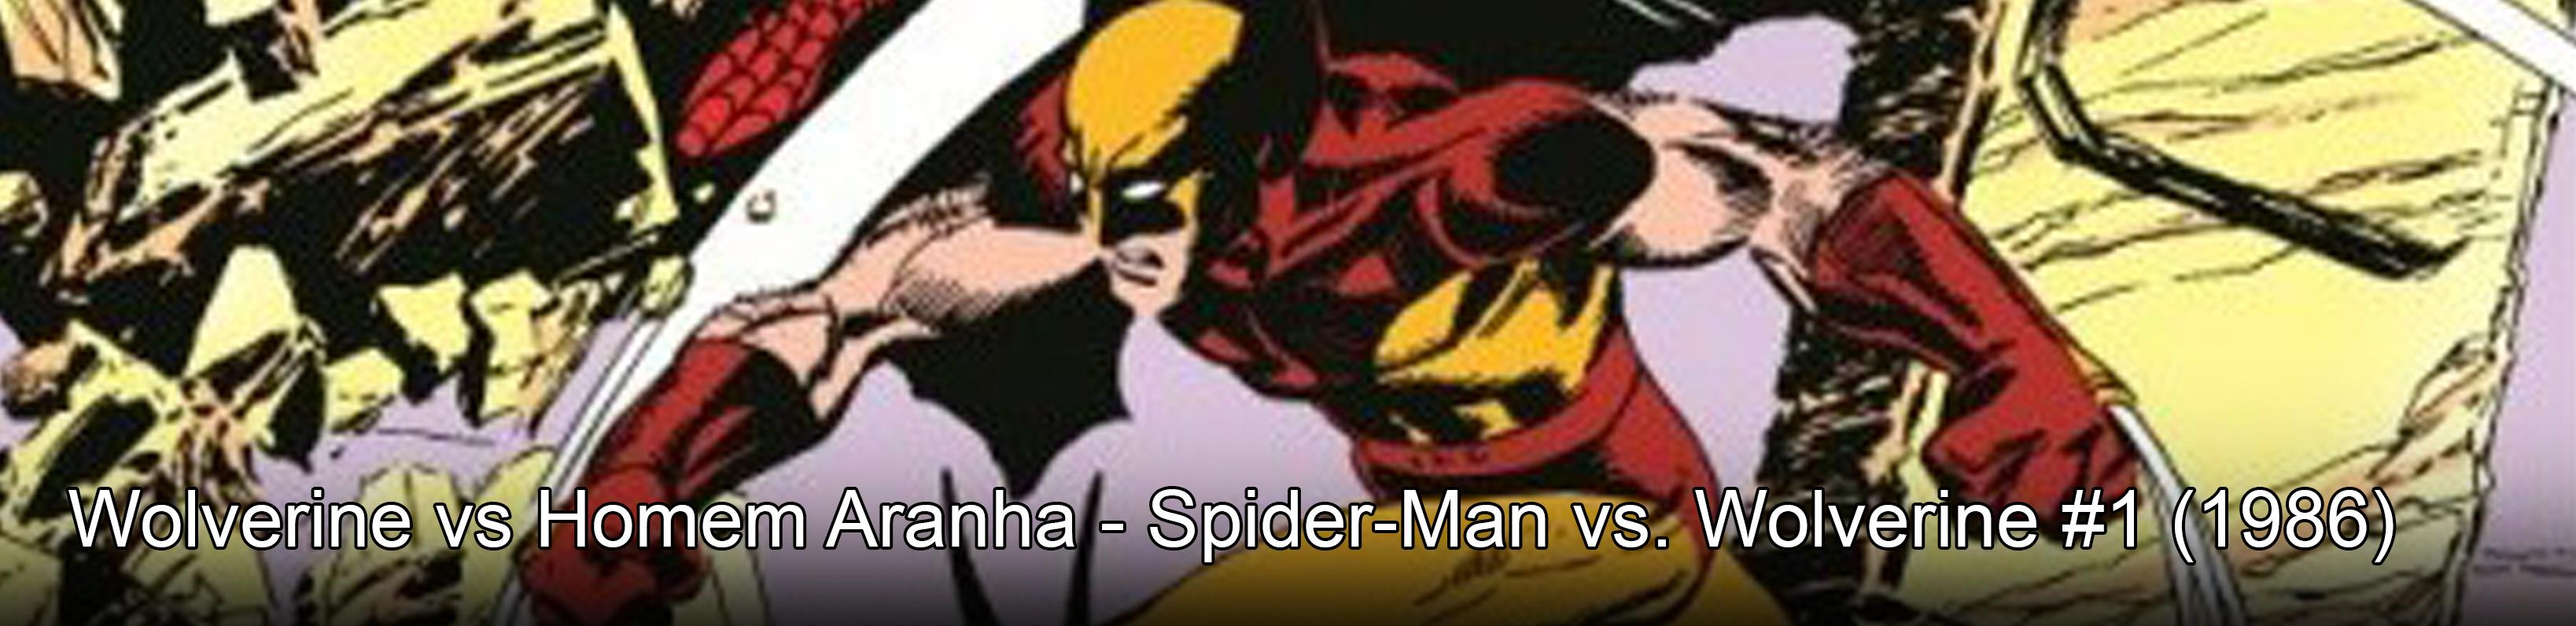 06 - Homem aranha